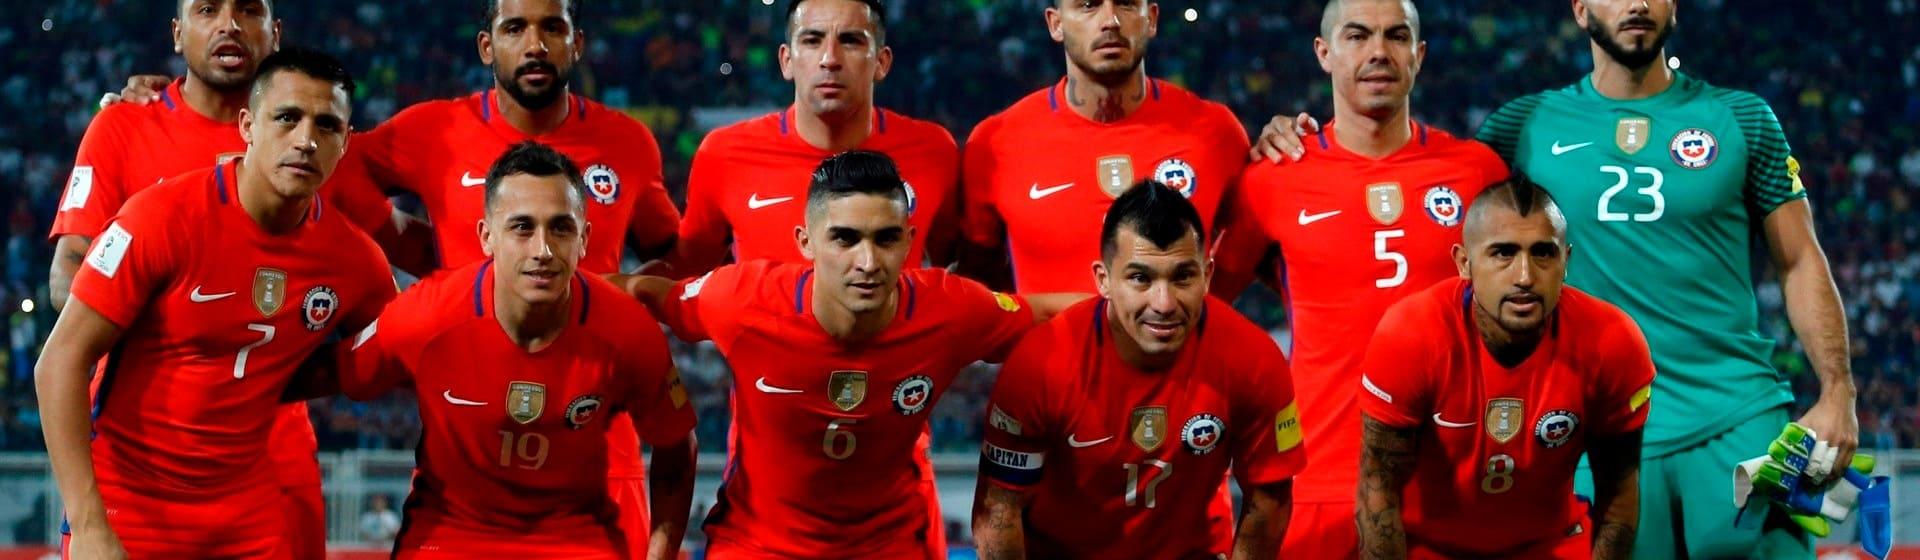 Сборная Чили - Мерч и одежда с атрибутикой